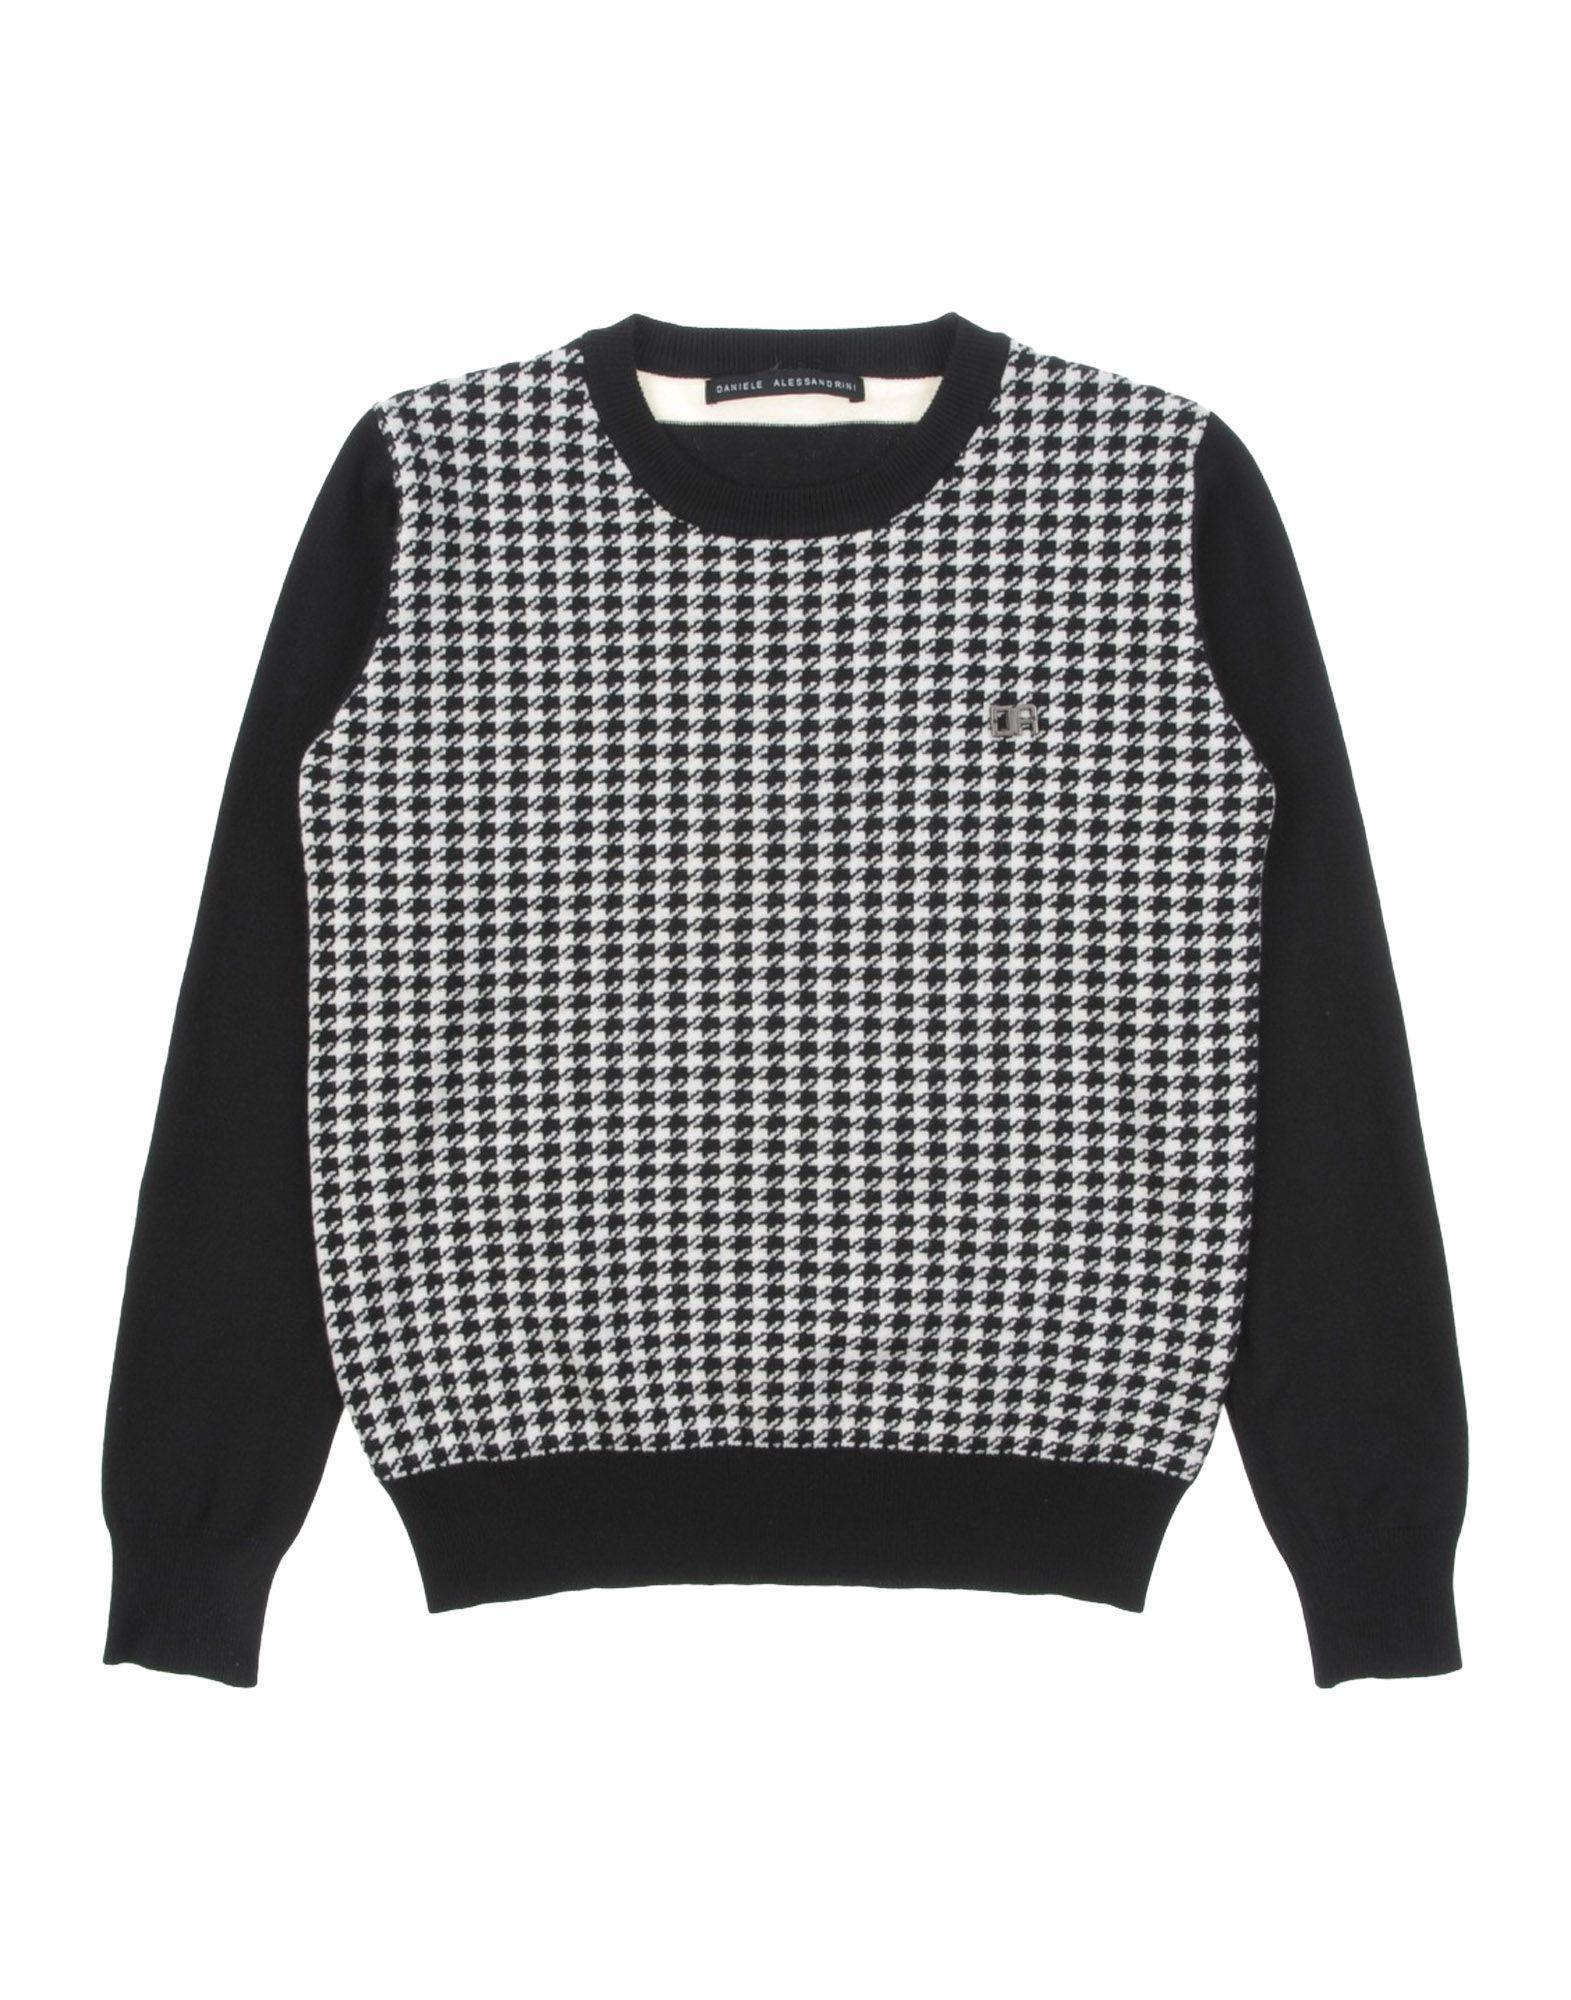 DANIELE ALESSANDRINI Jungen 3-8 jahre Pullover Farbe Schwarz Größe 6 - broschei